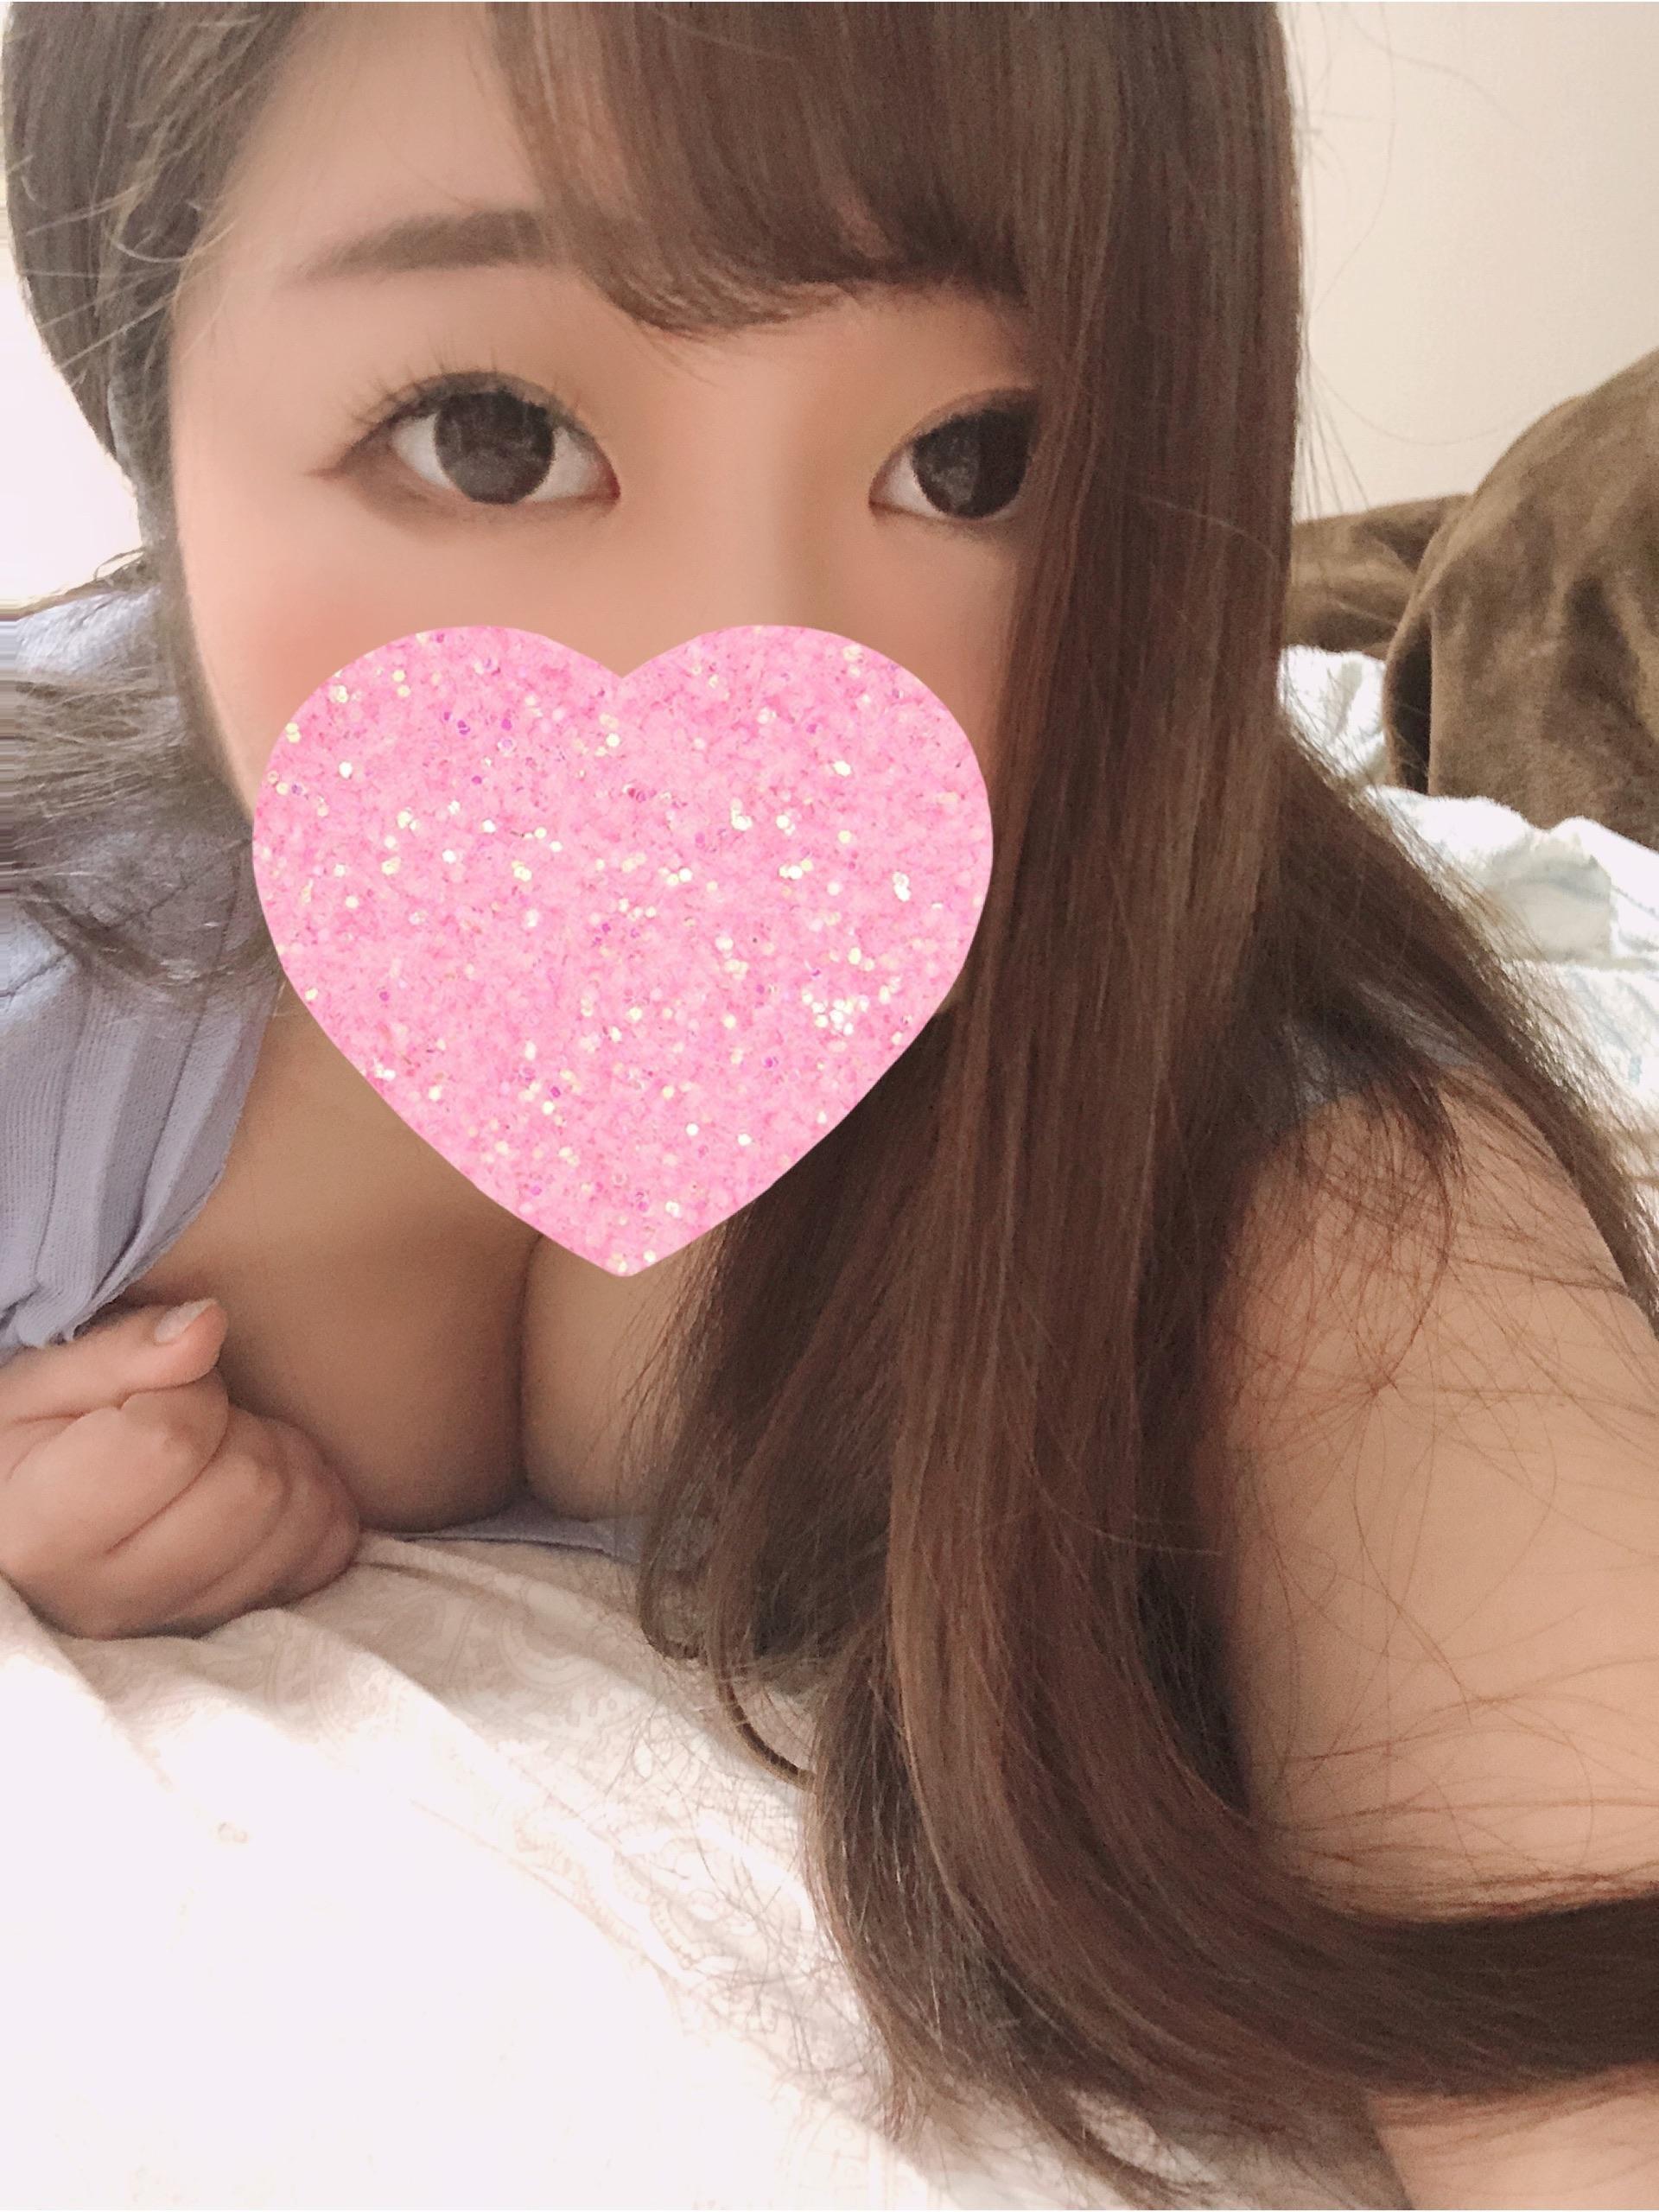 「おはよー!!!!!」07/06(月) 18:24 | みなみの写メ・風俗動画